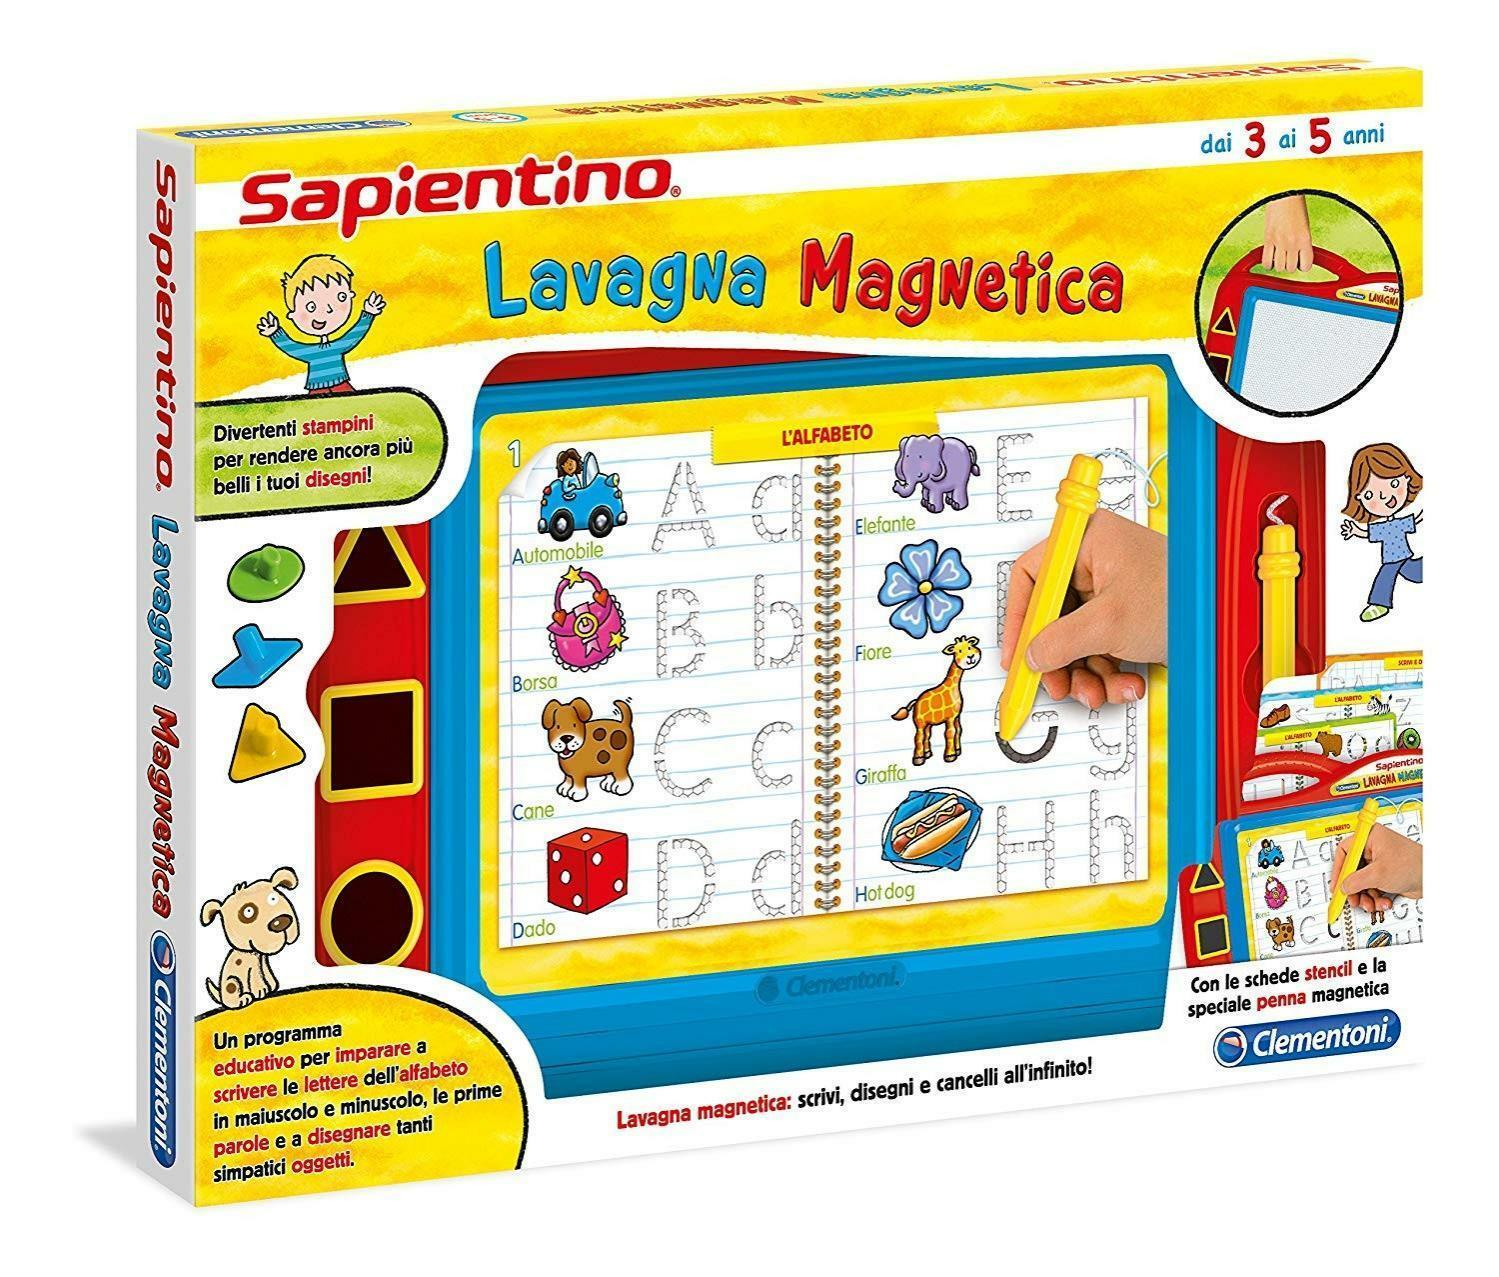 clementoni sapientino lavagna magnetica 12037